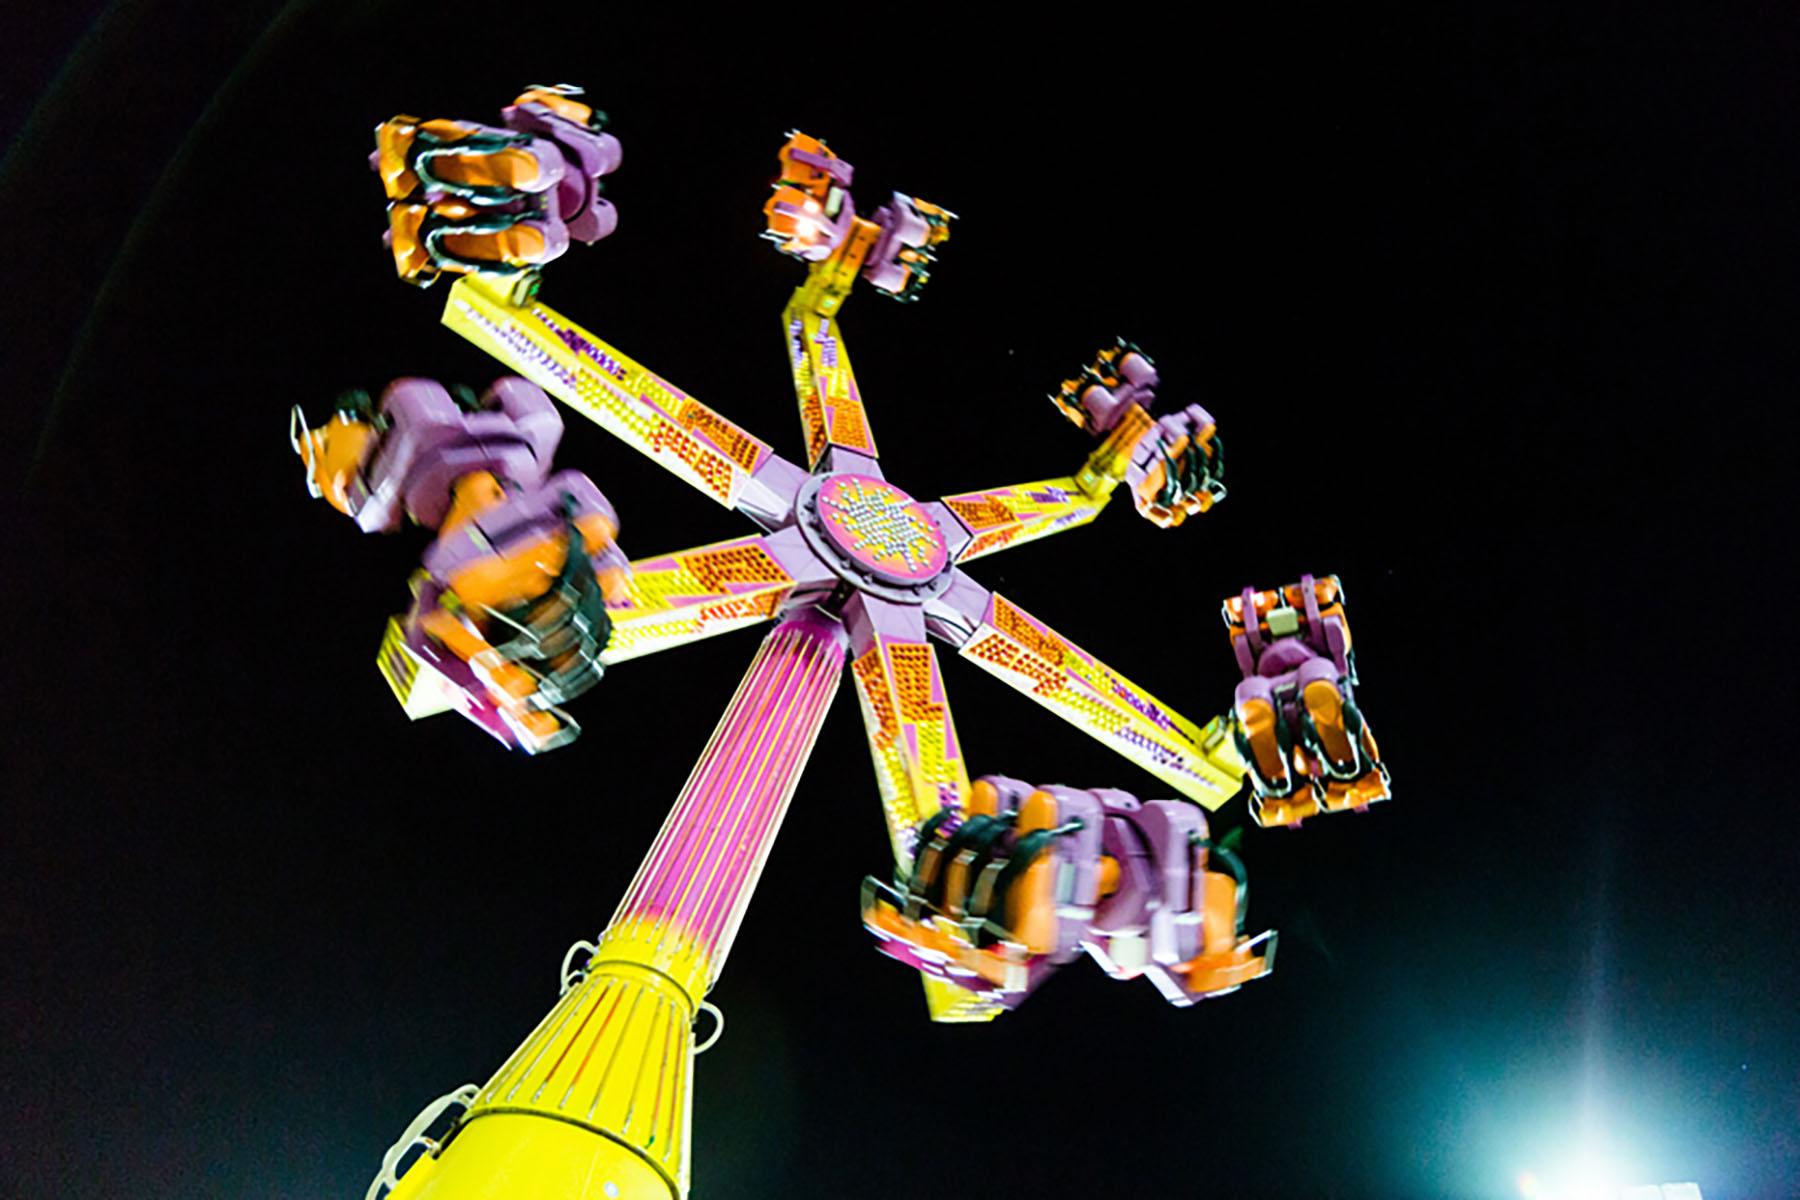 Al Shallal Theme Park